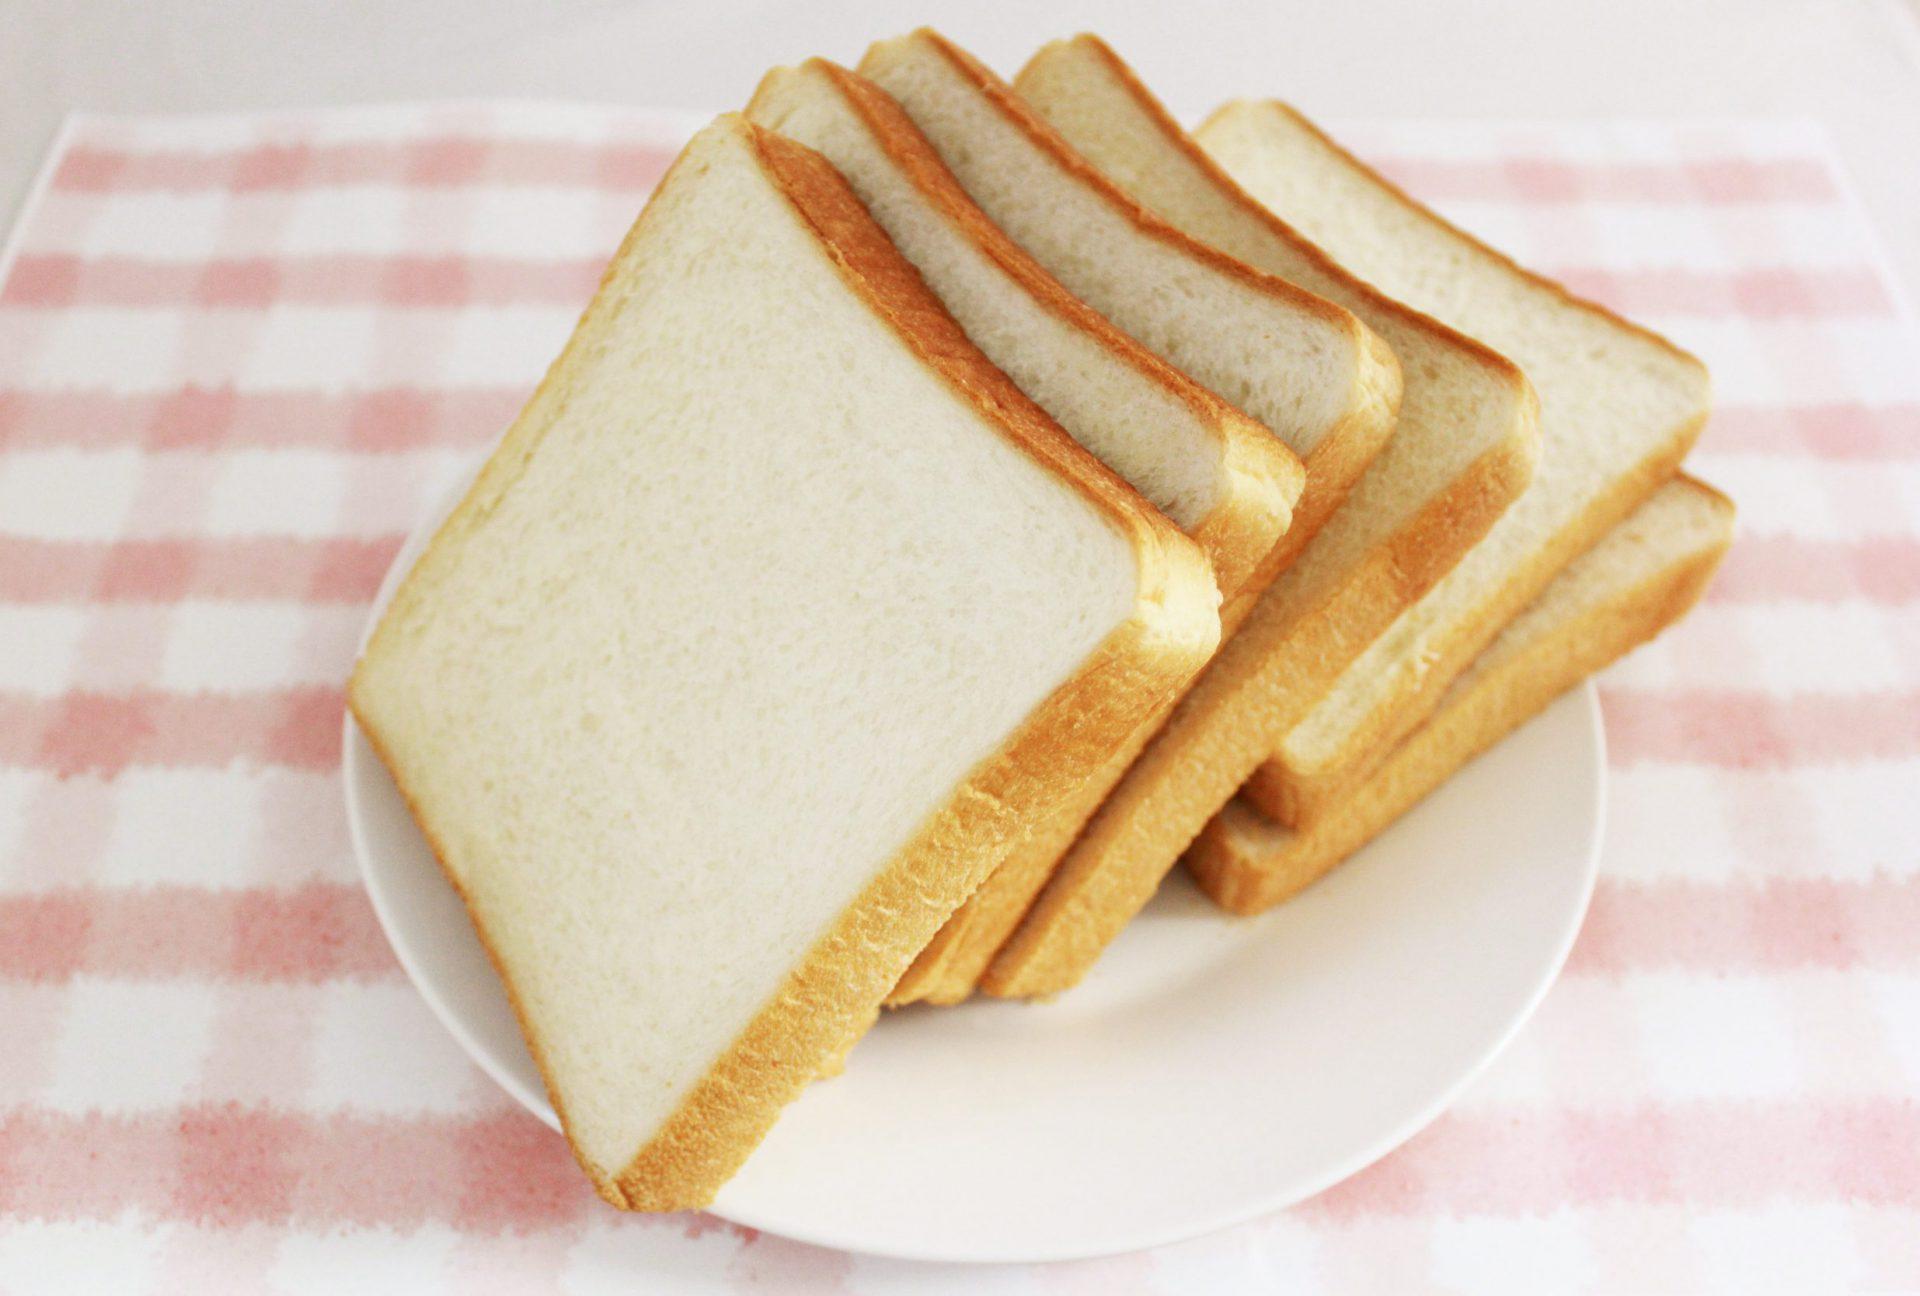 ごはんde食パン6枚